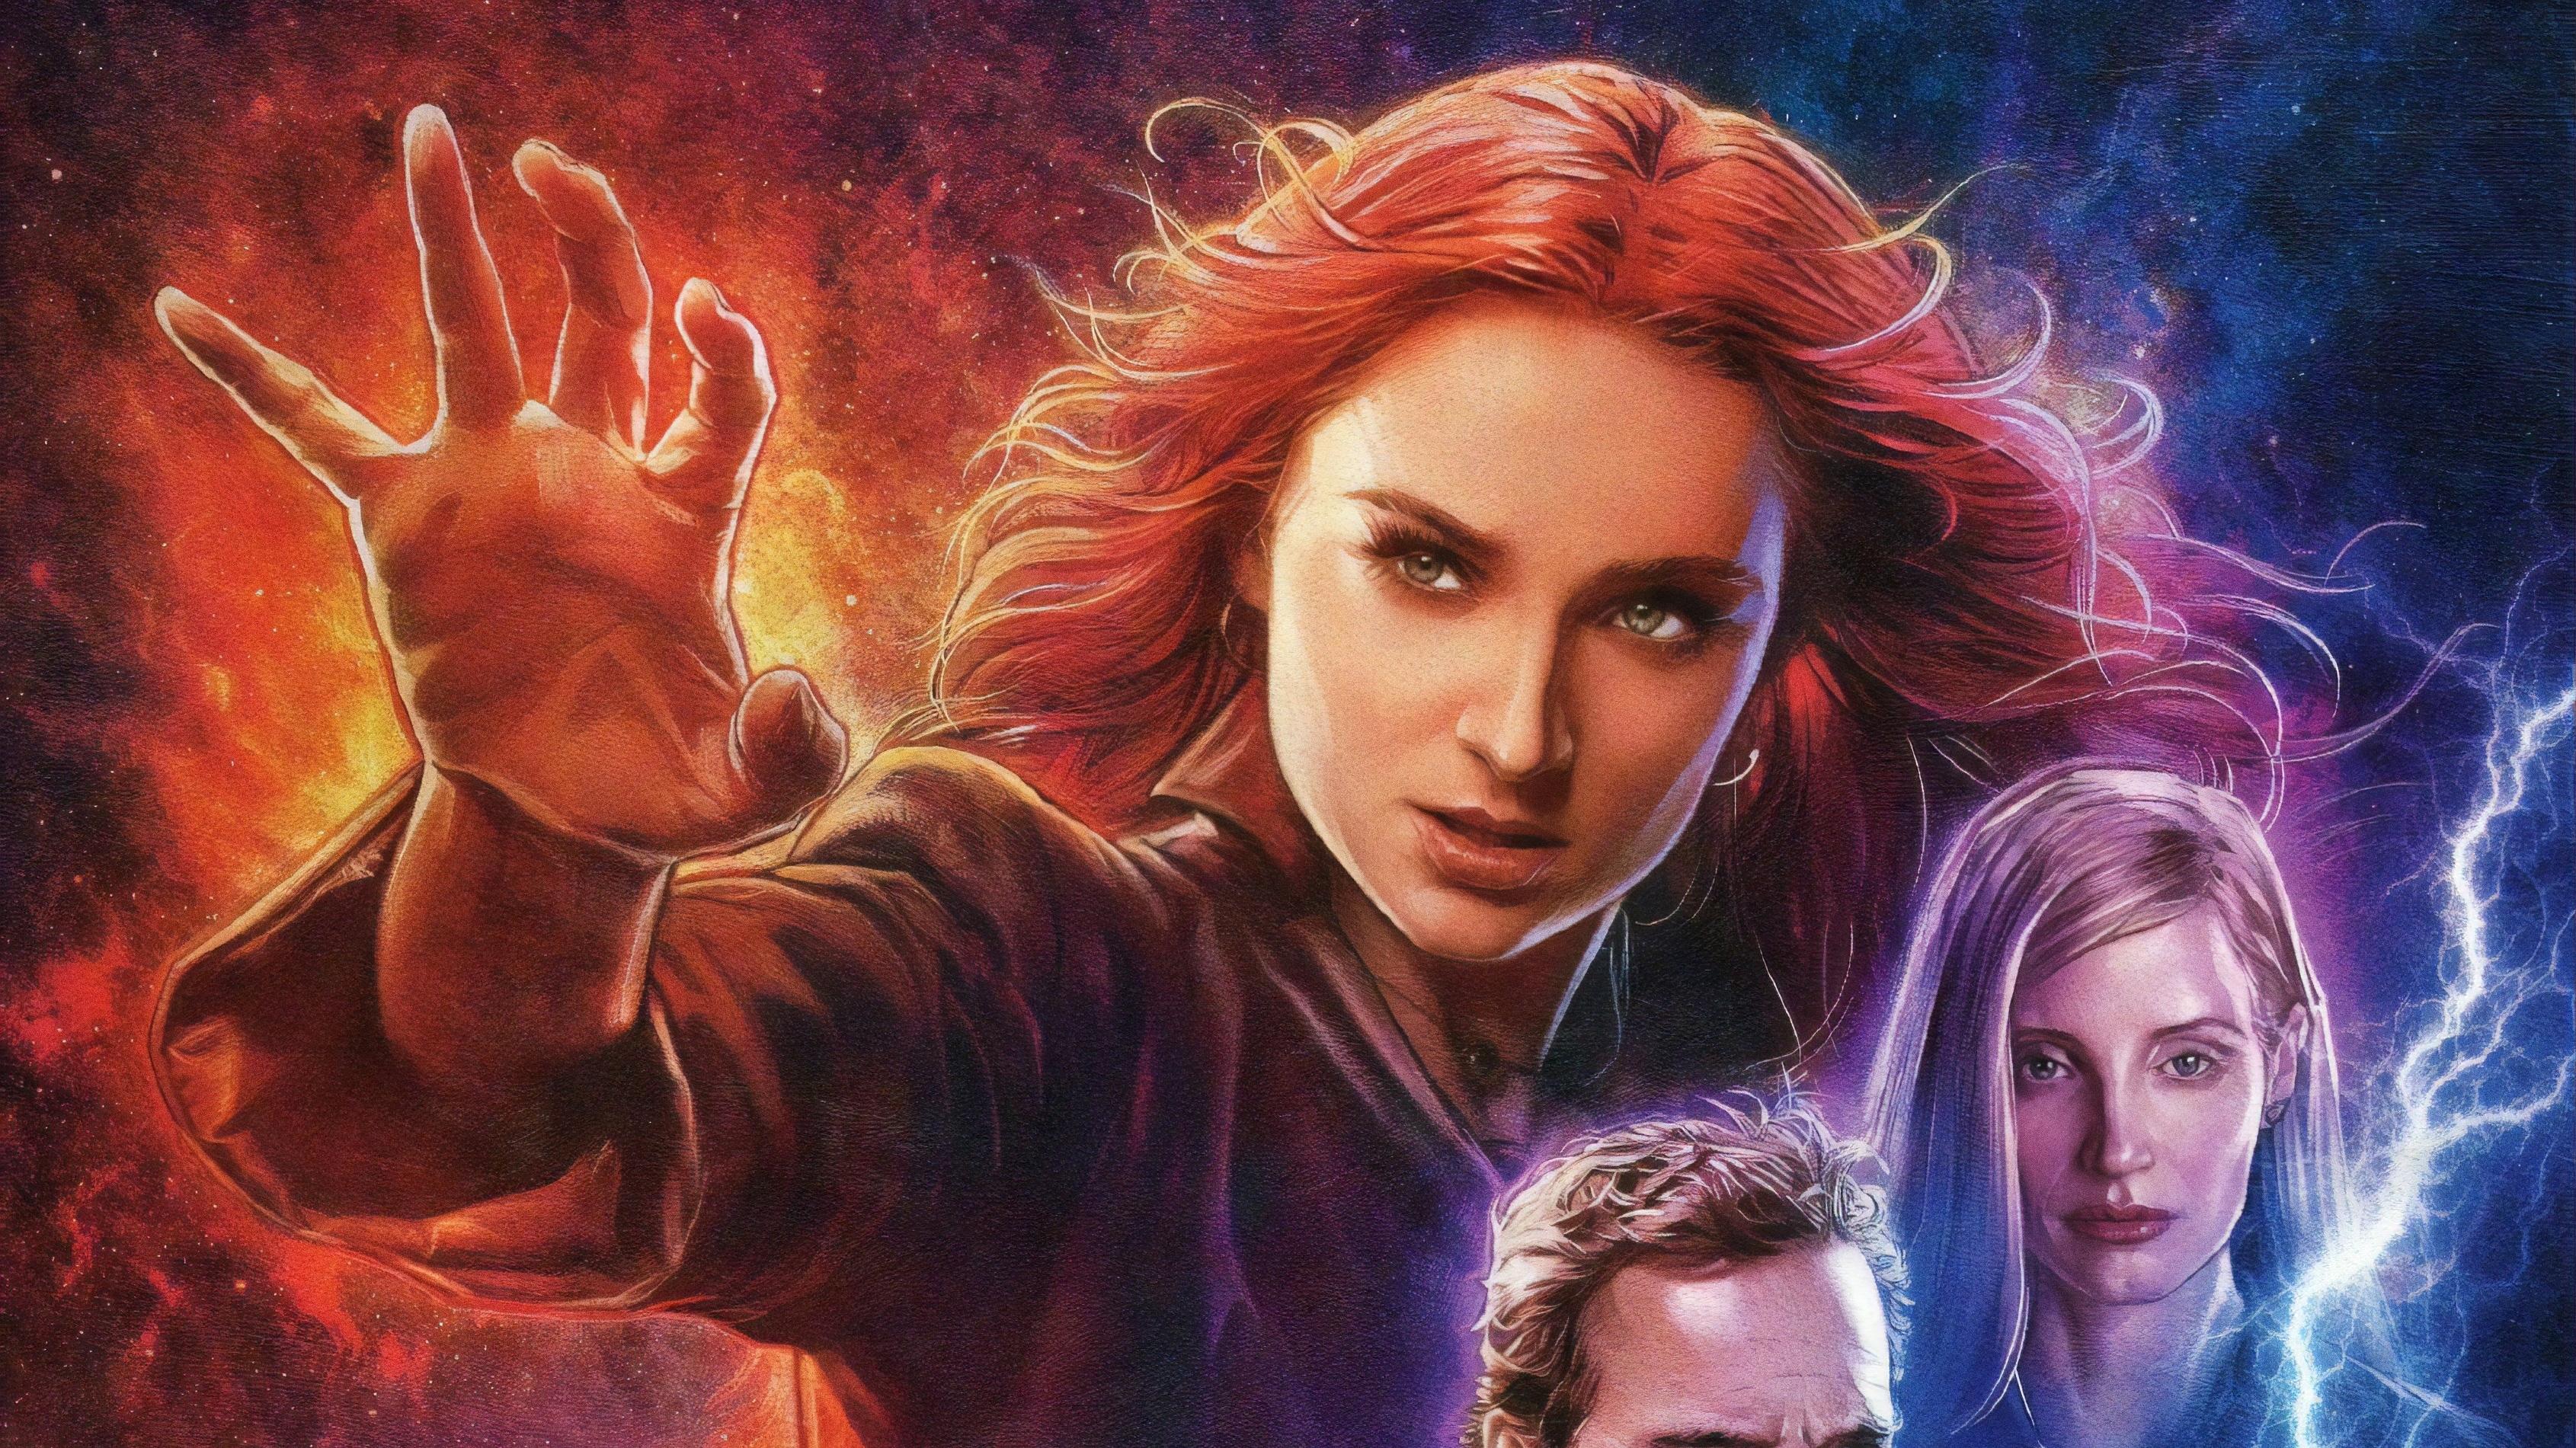 X Men Dark Phoenix Poster 4k Hd Movies 4k Wallpapers